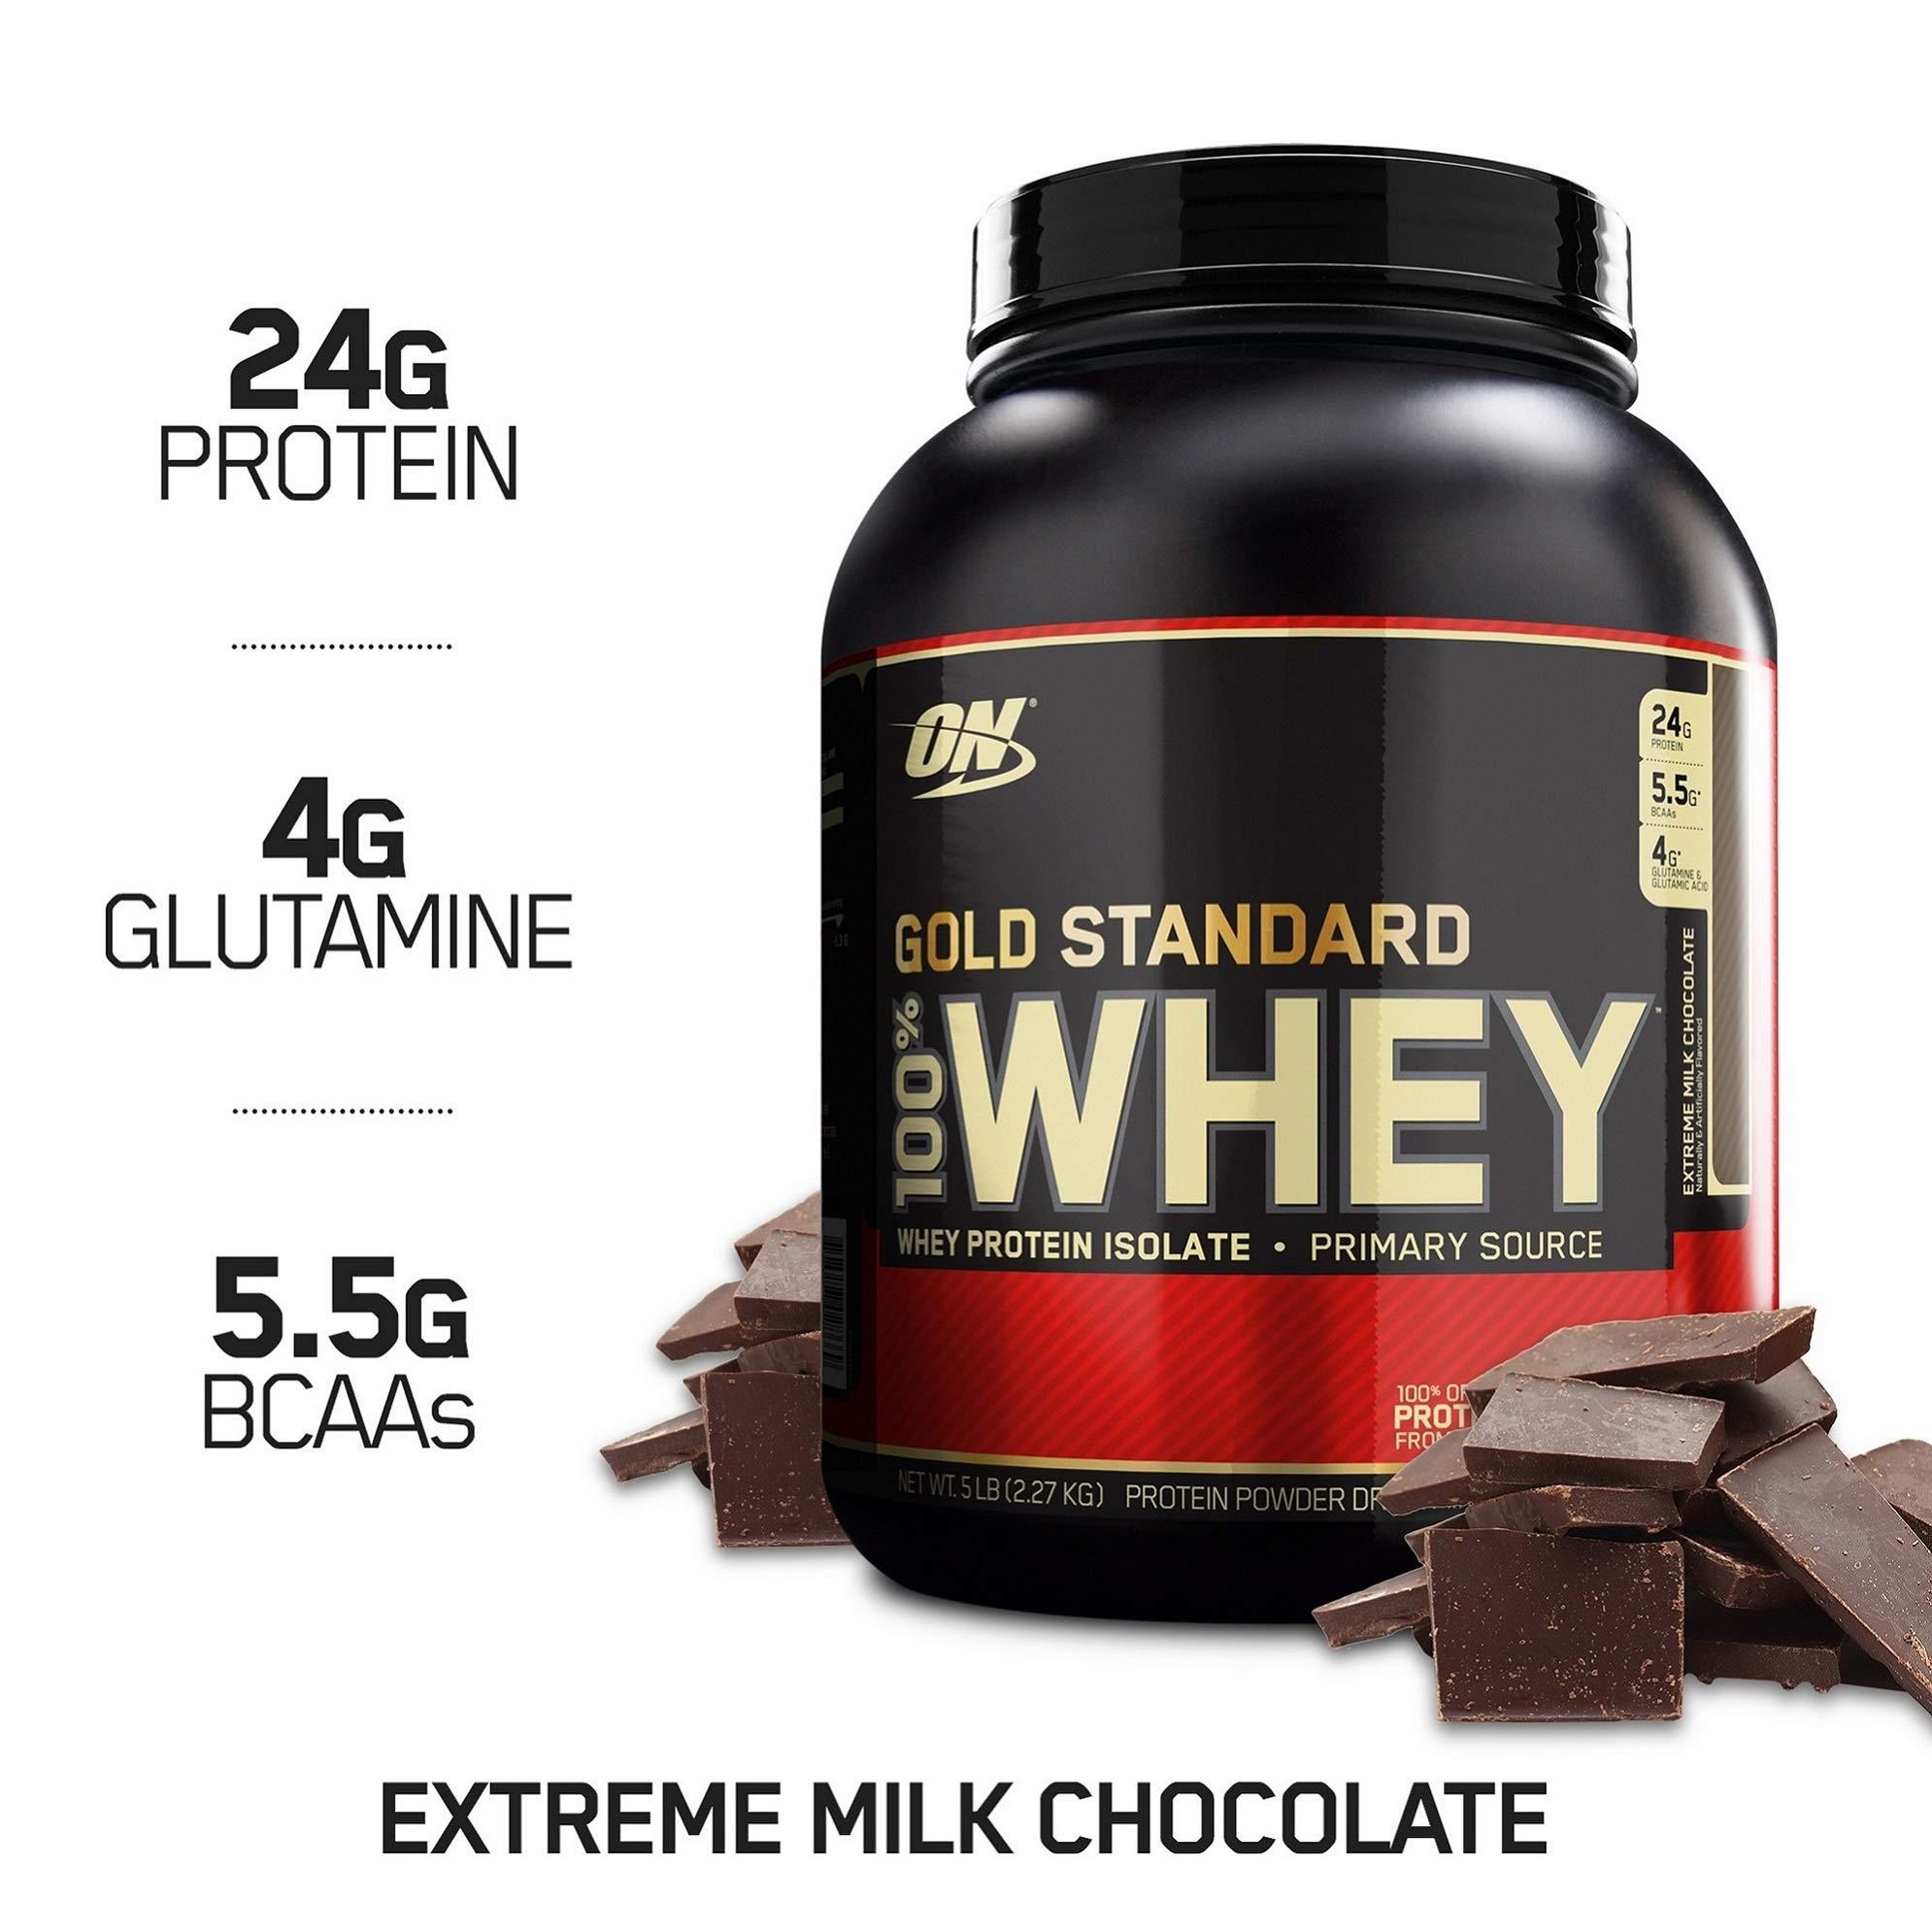 OPTIMUM NUTRITION GOLD STANDARD 100% Whey Protein Powder, Extreme Milk Chocolate, 5 Pound by Optimum Nutrition